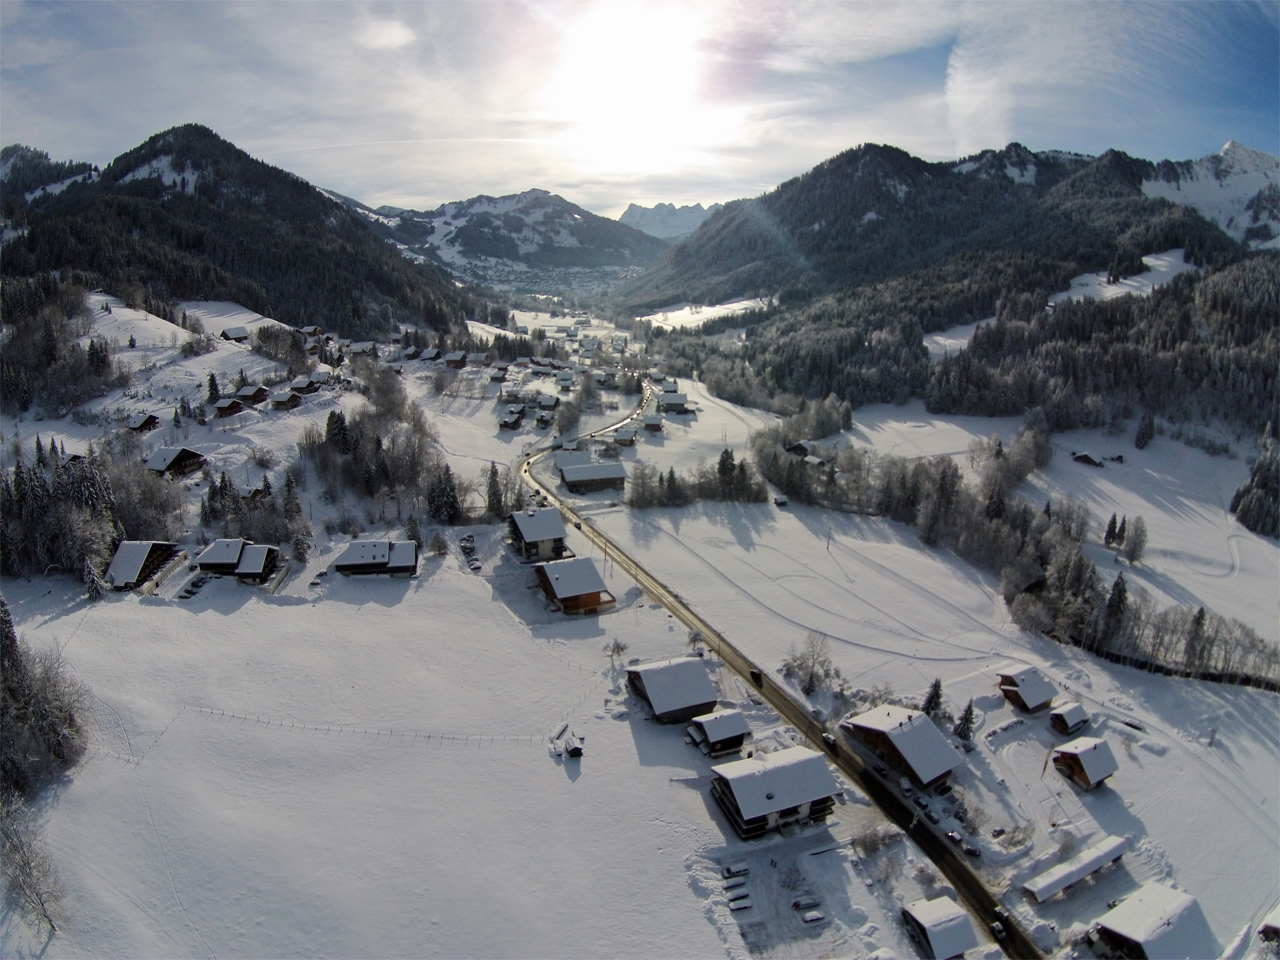 Omgeving - UItzicht vallei in sneeuw